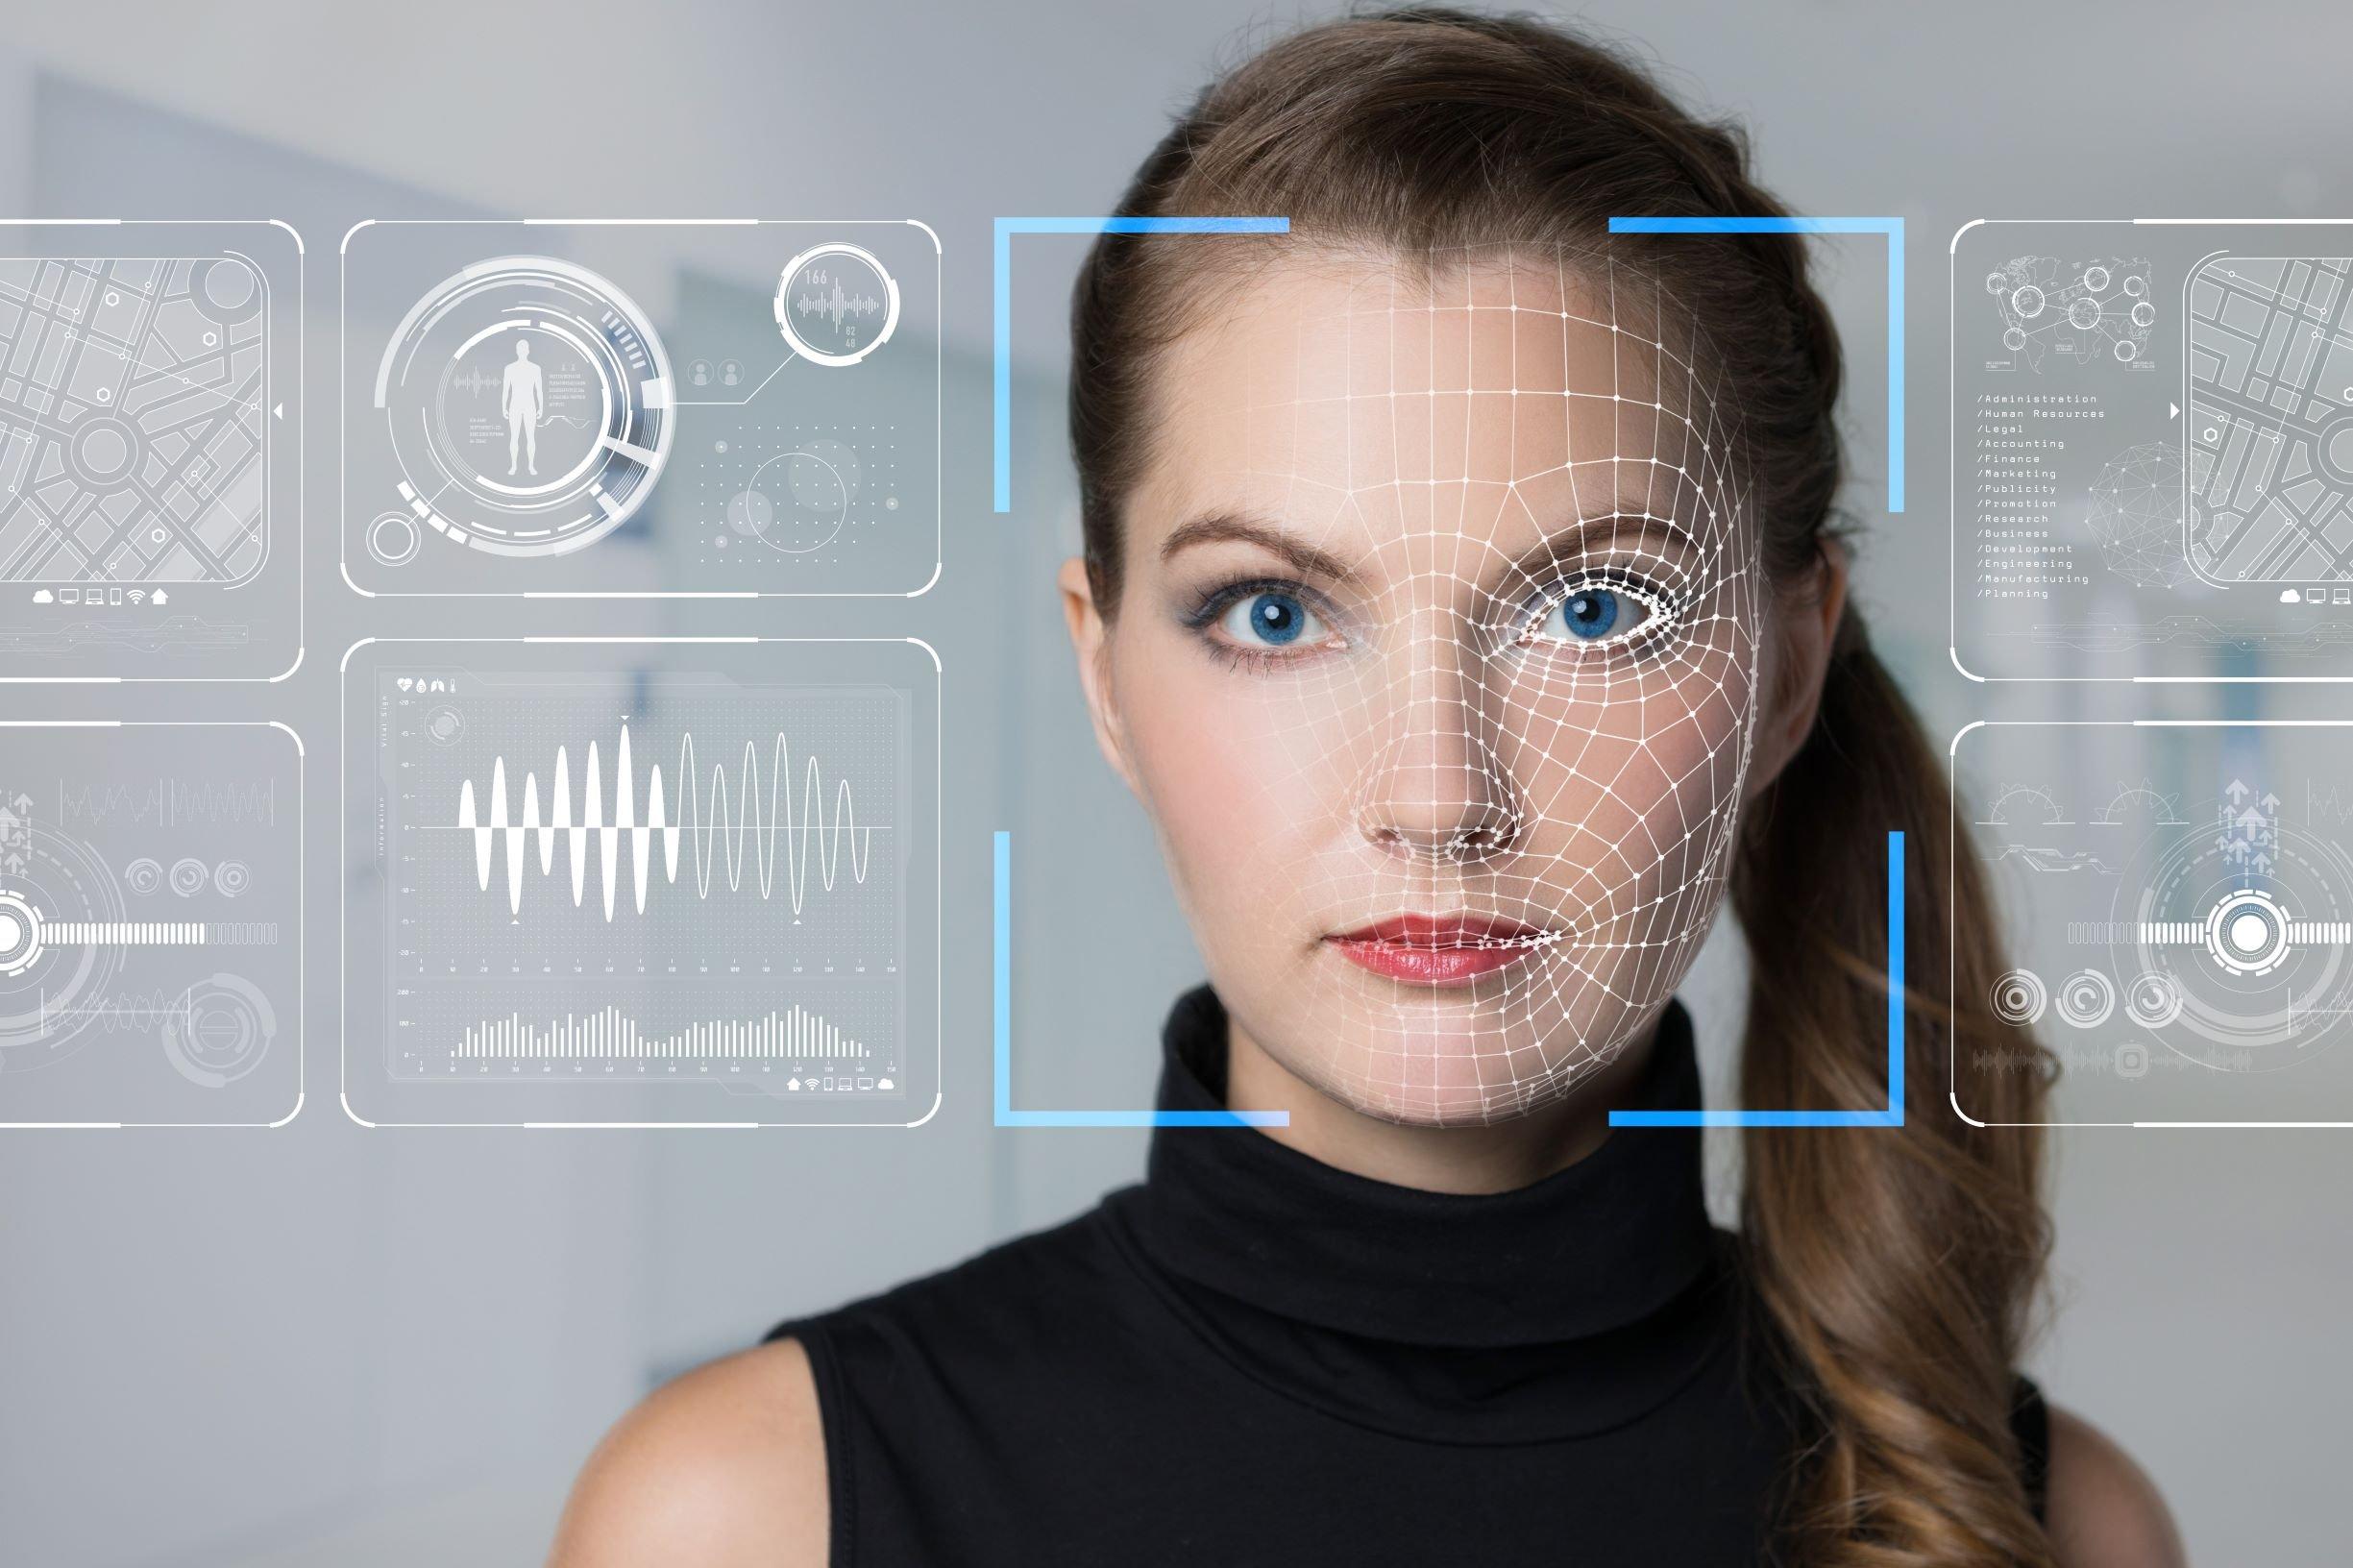 reconnaissance-faciale-tendances-digitales